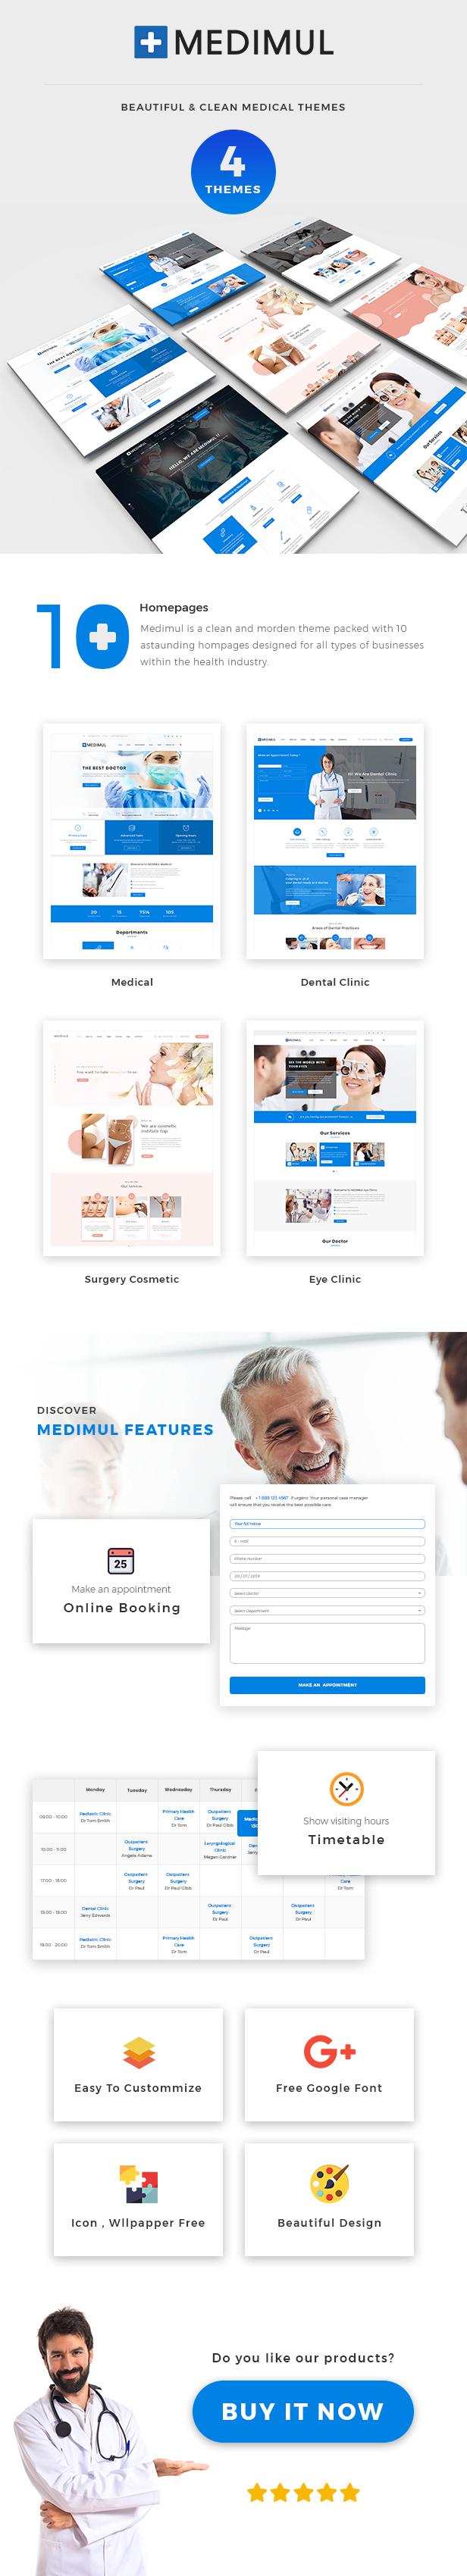 Medimul - Mehrzweck-WordPress-Theme für medizinische Gesundheit - 1